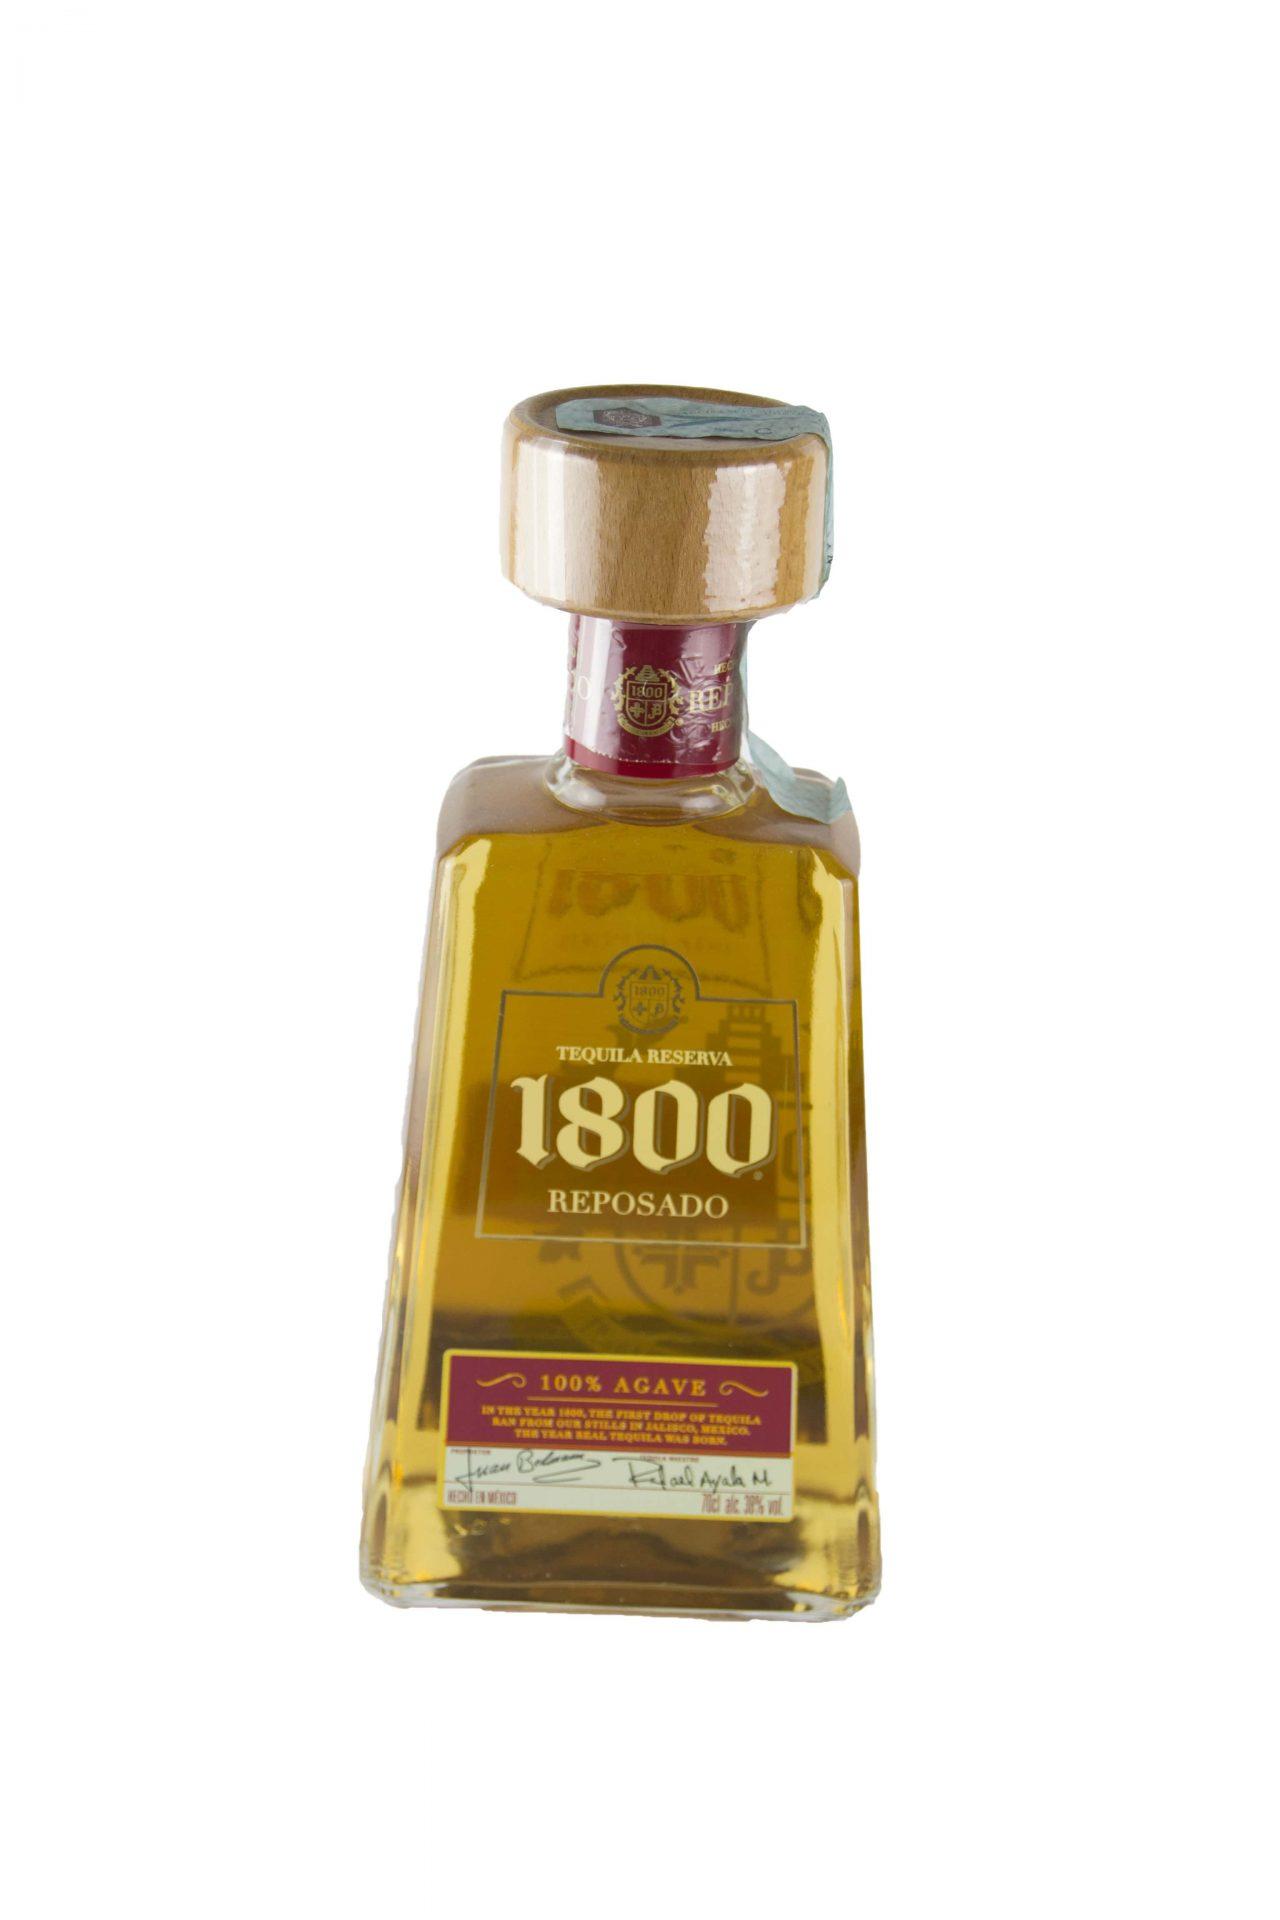 Tequila Reserva 1800 – Reposando